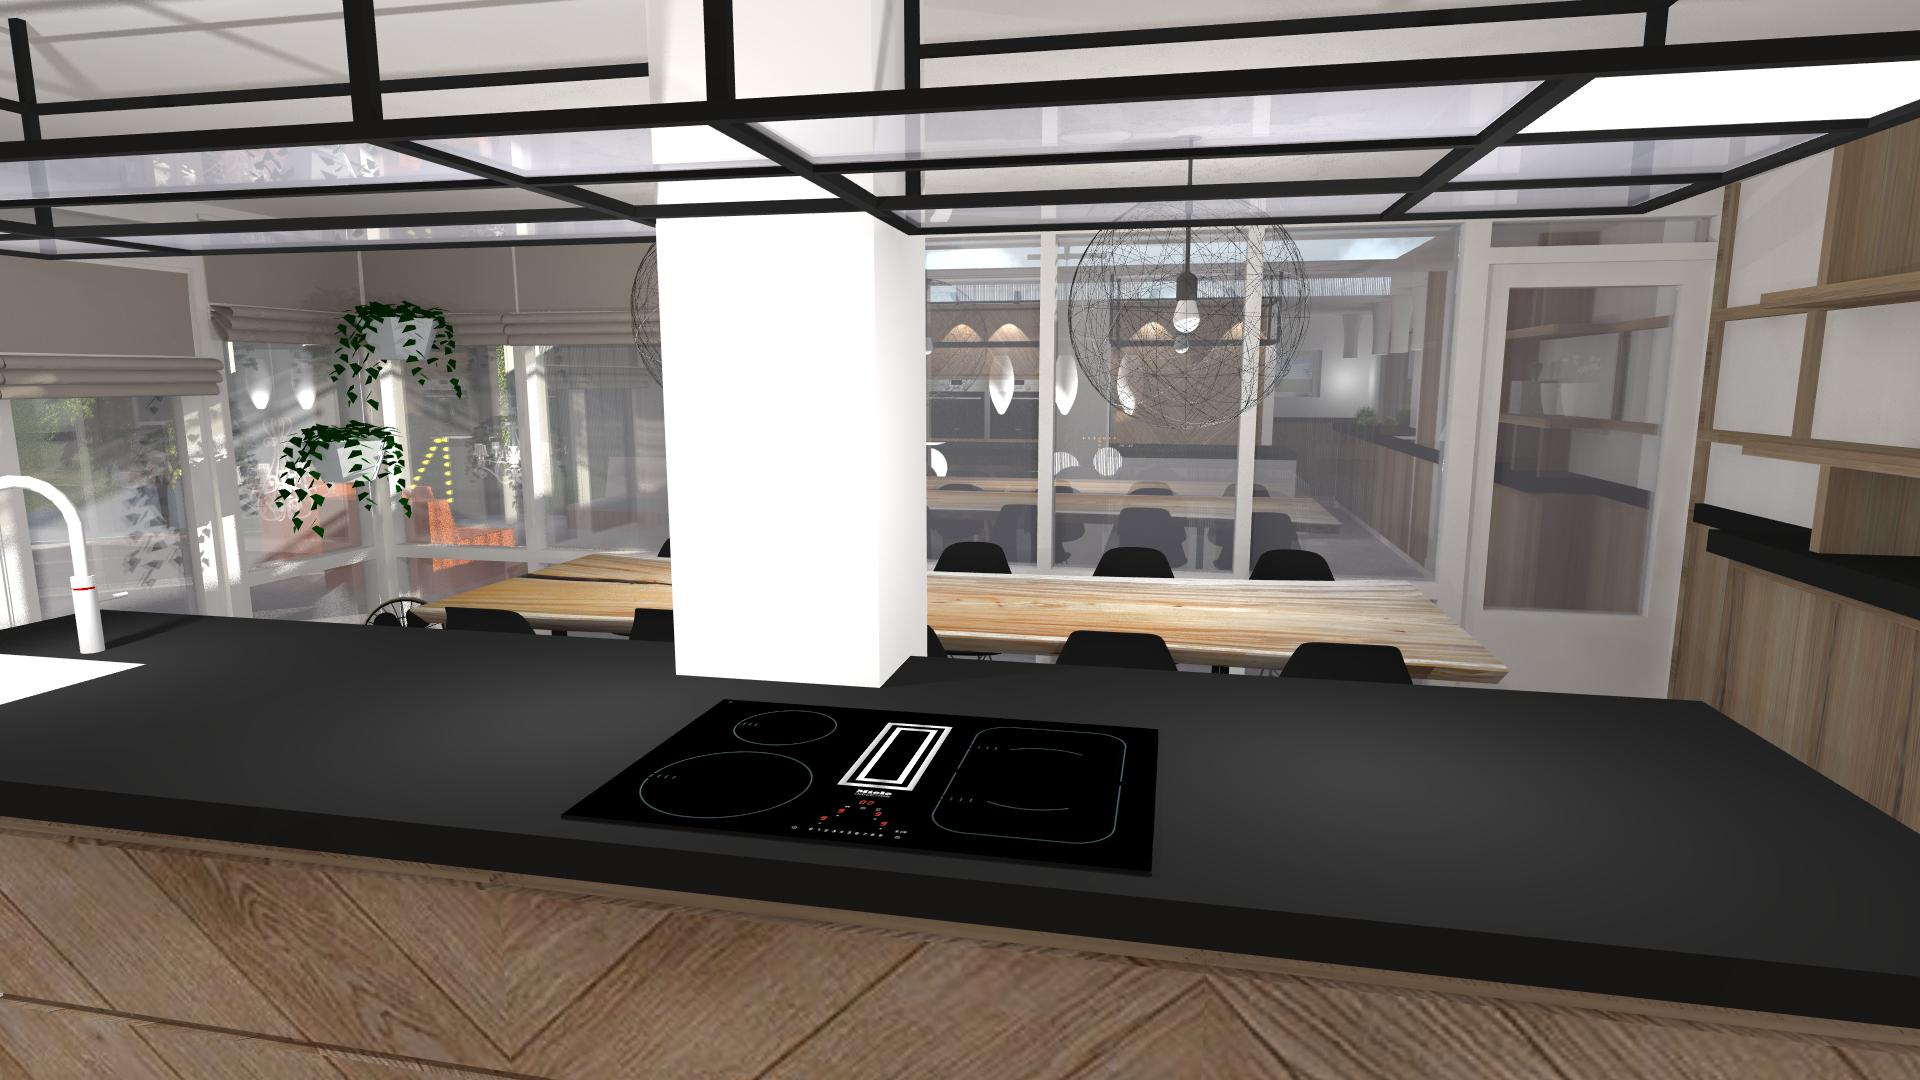 blik vanuit keuken naar buiten